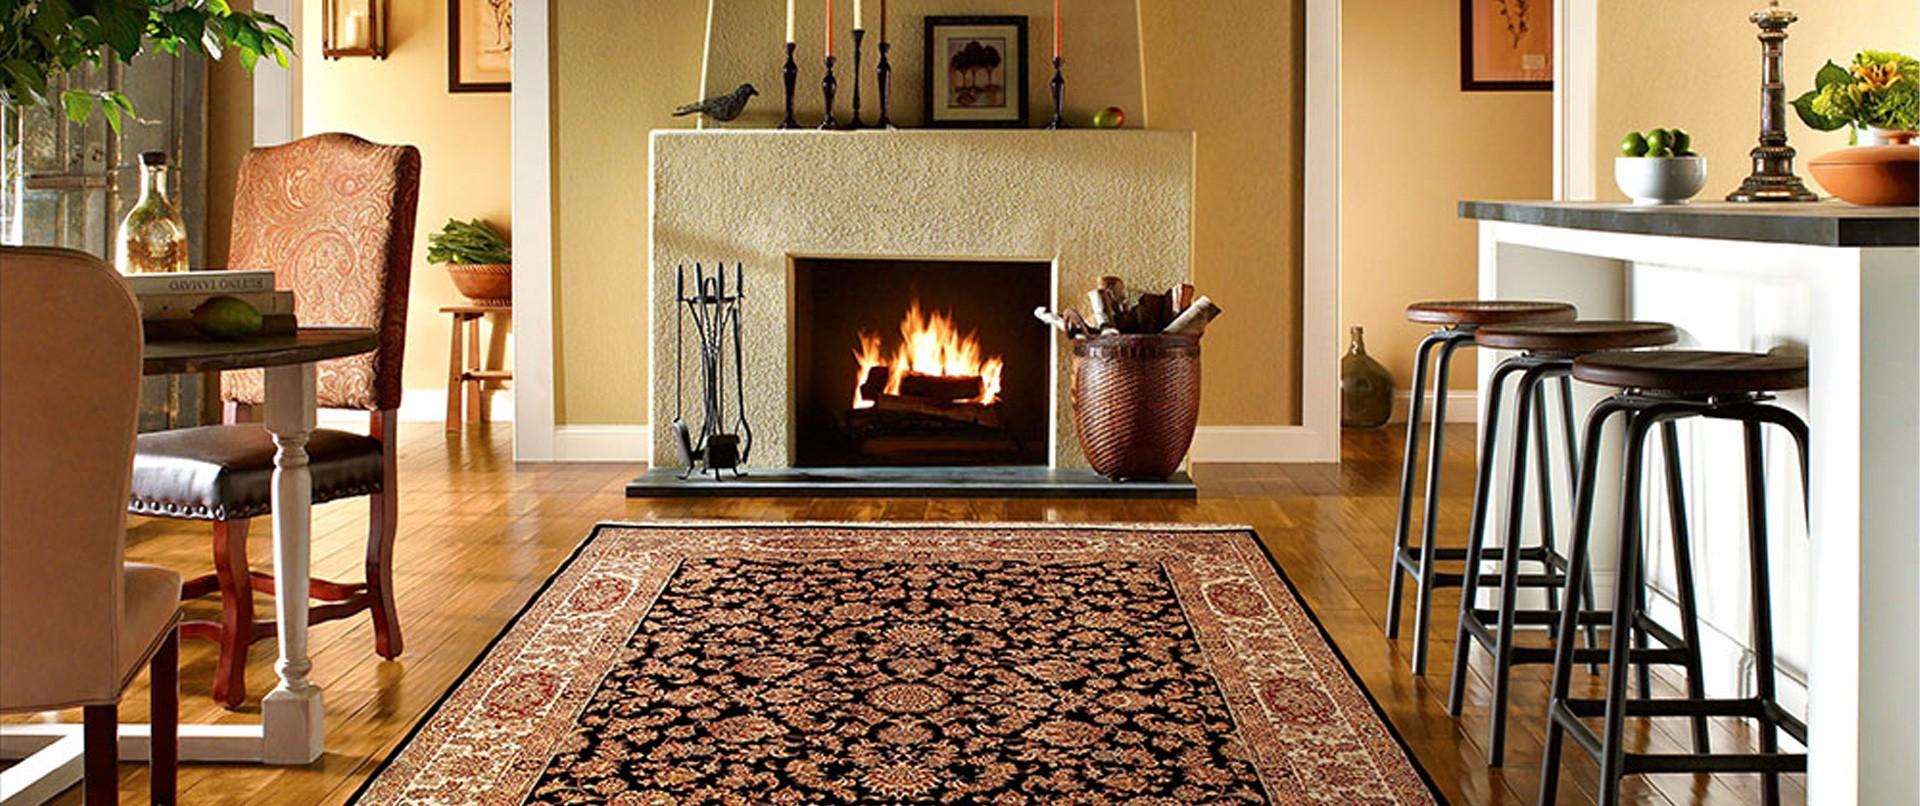 Il miglior sito per la vendita di tappeti